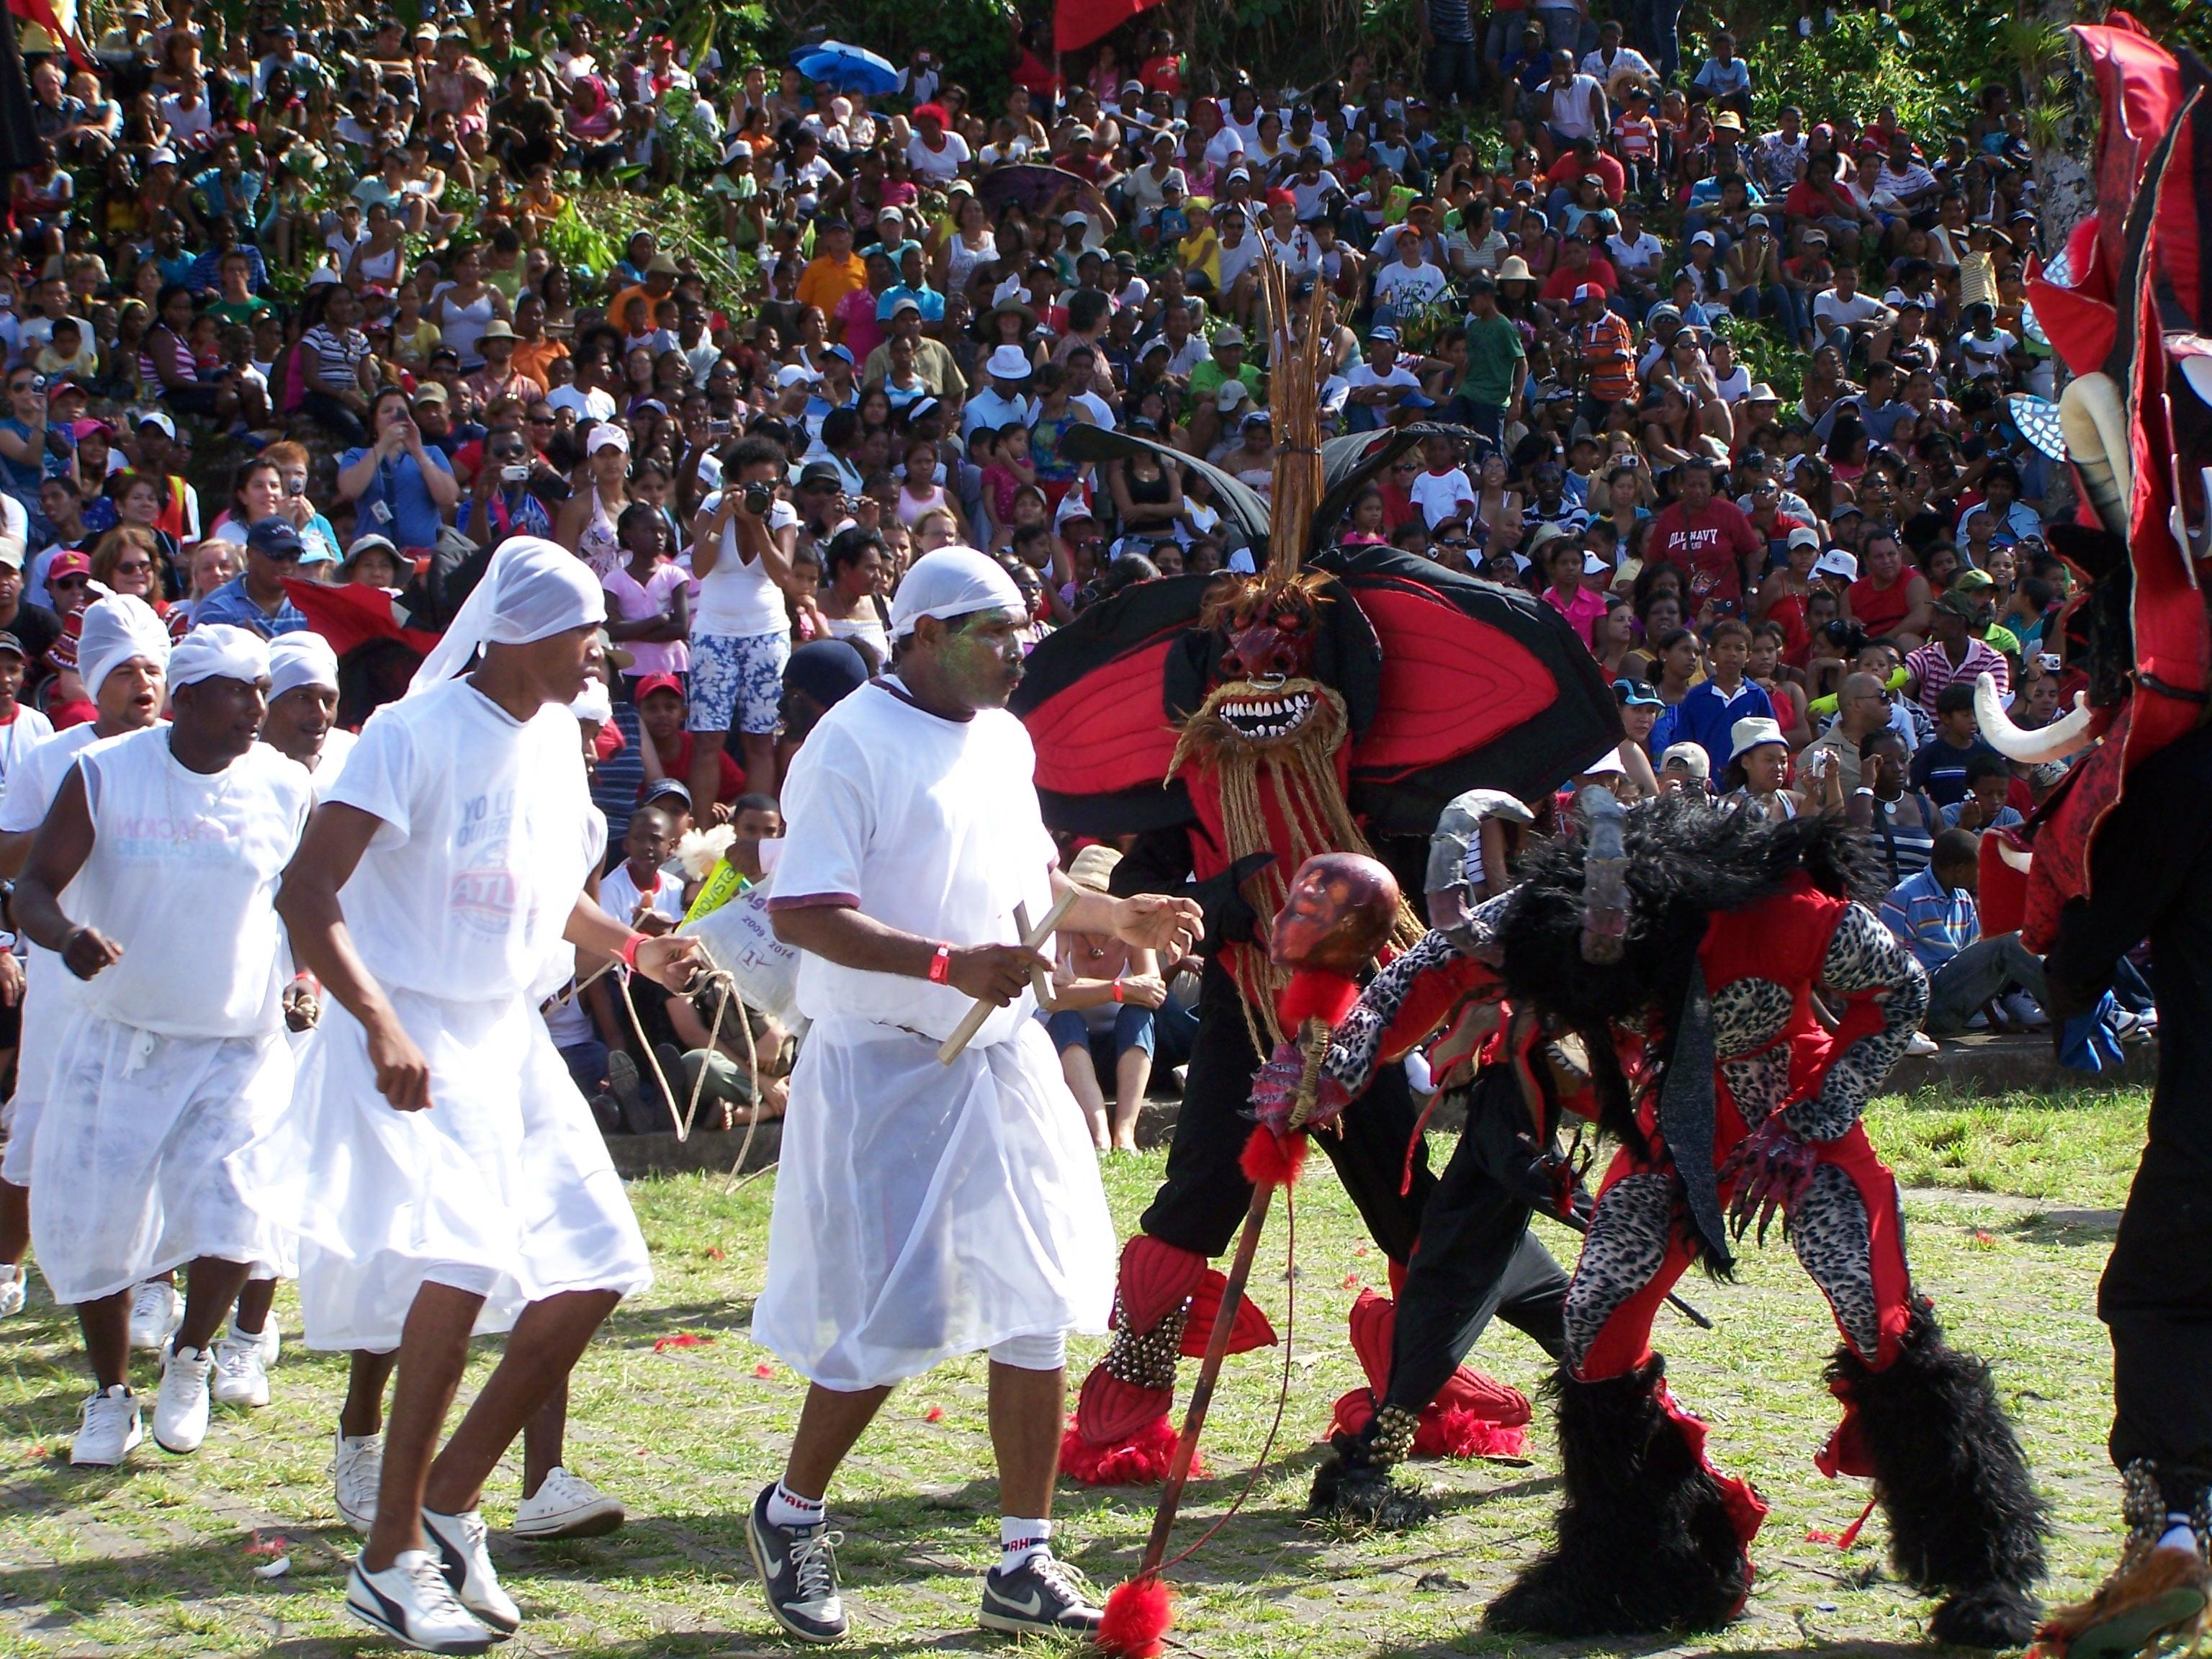 Festival de Diablos y Congos en Portobelo, Panamá